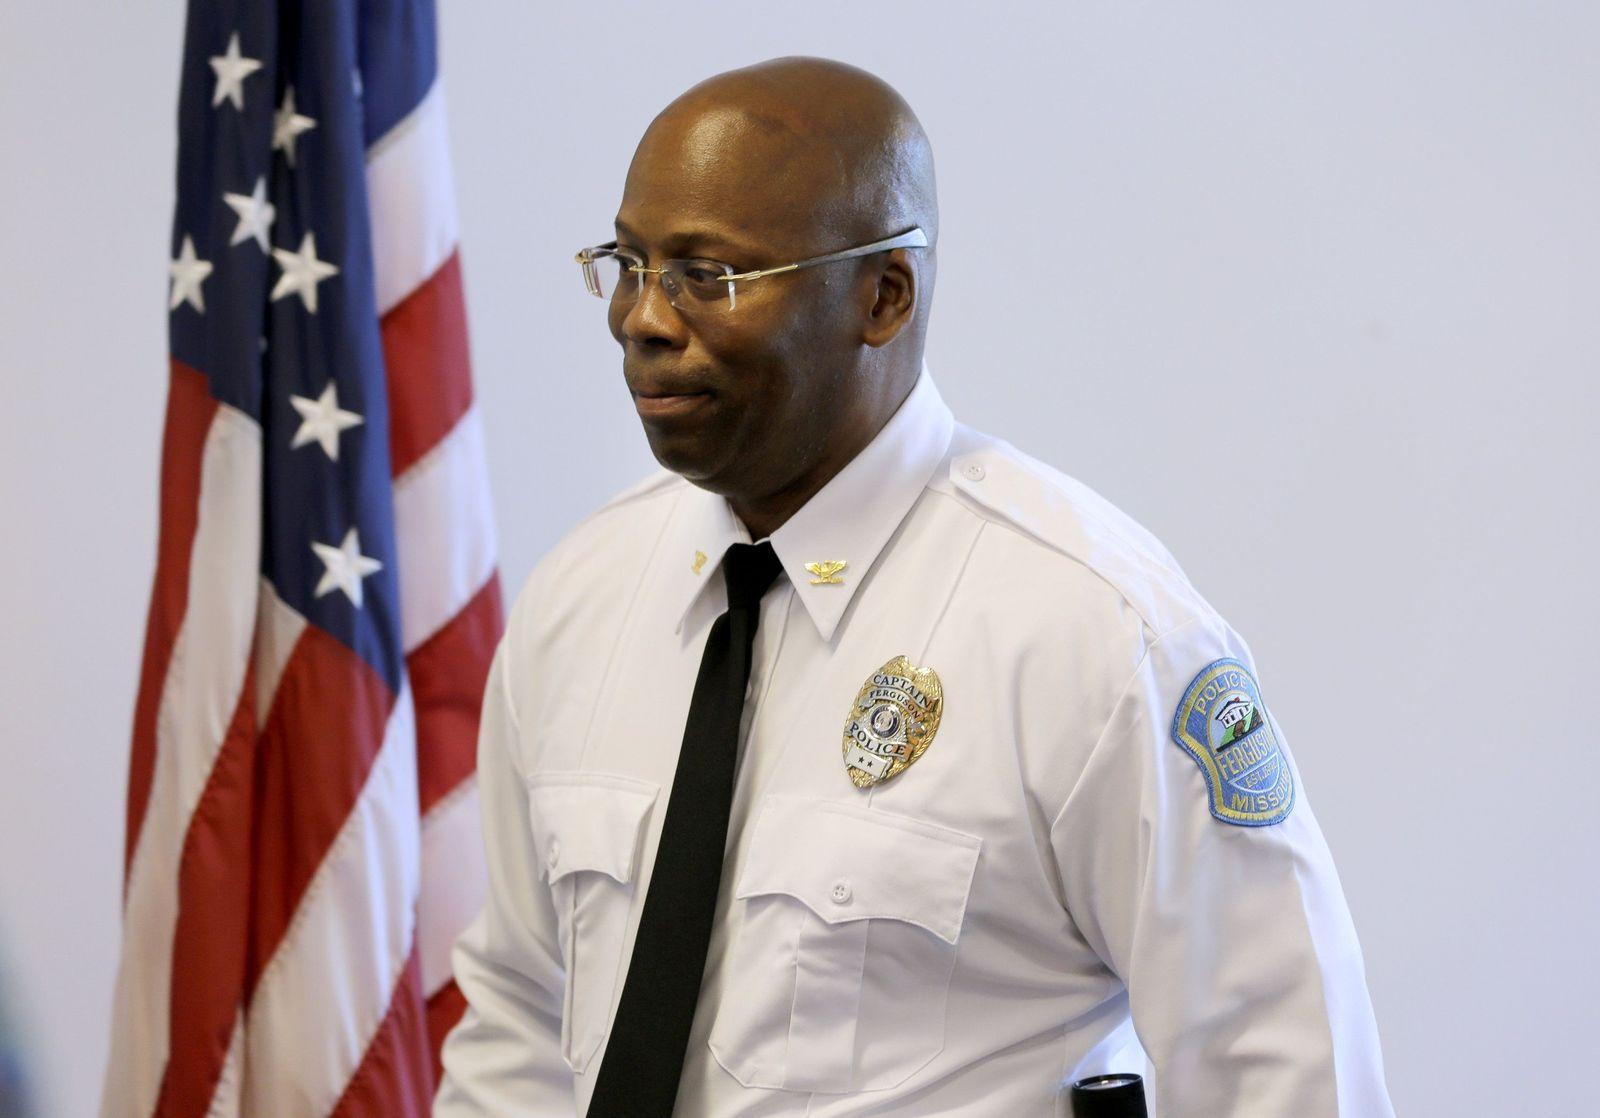 Andre Anderson, Ferguson, Polizeichef